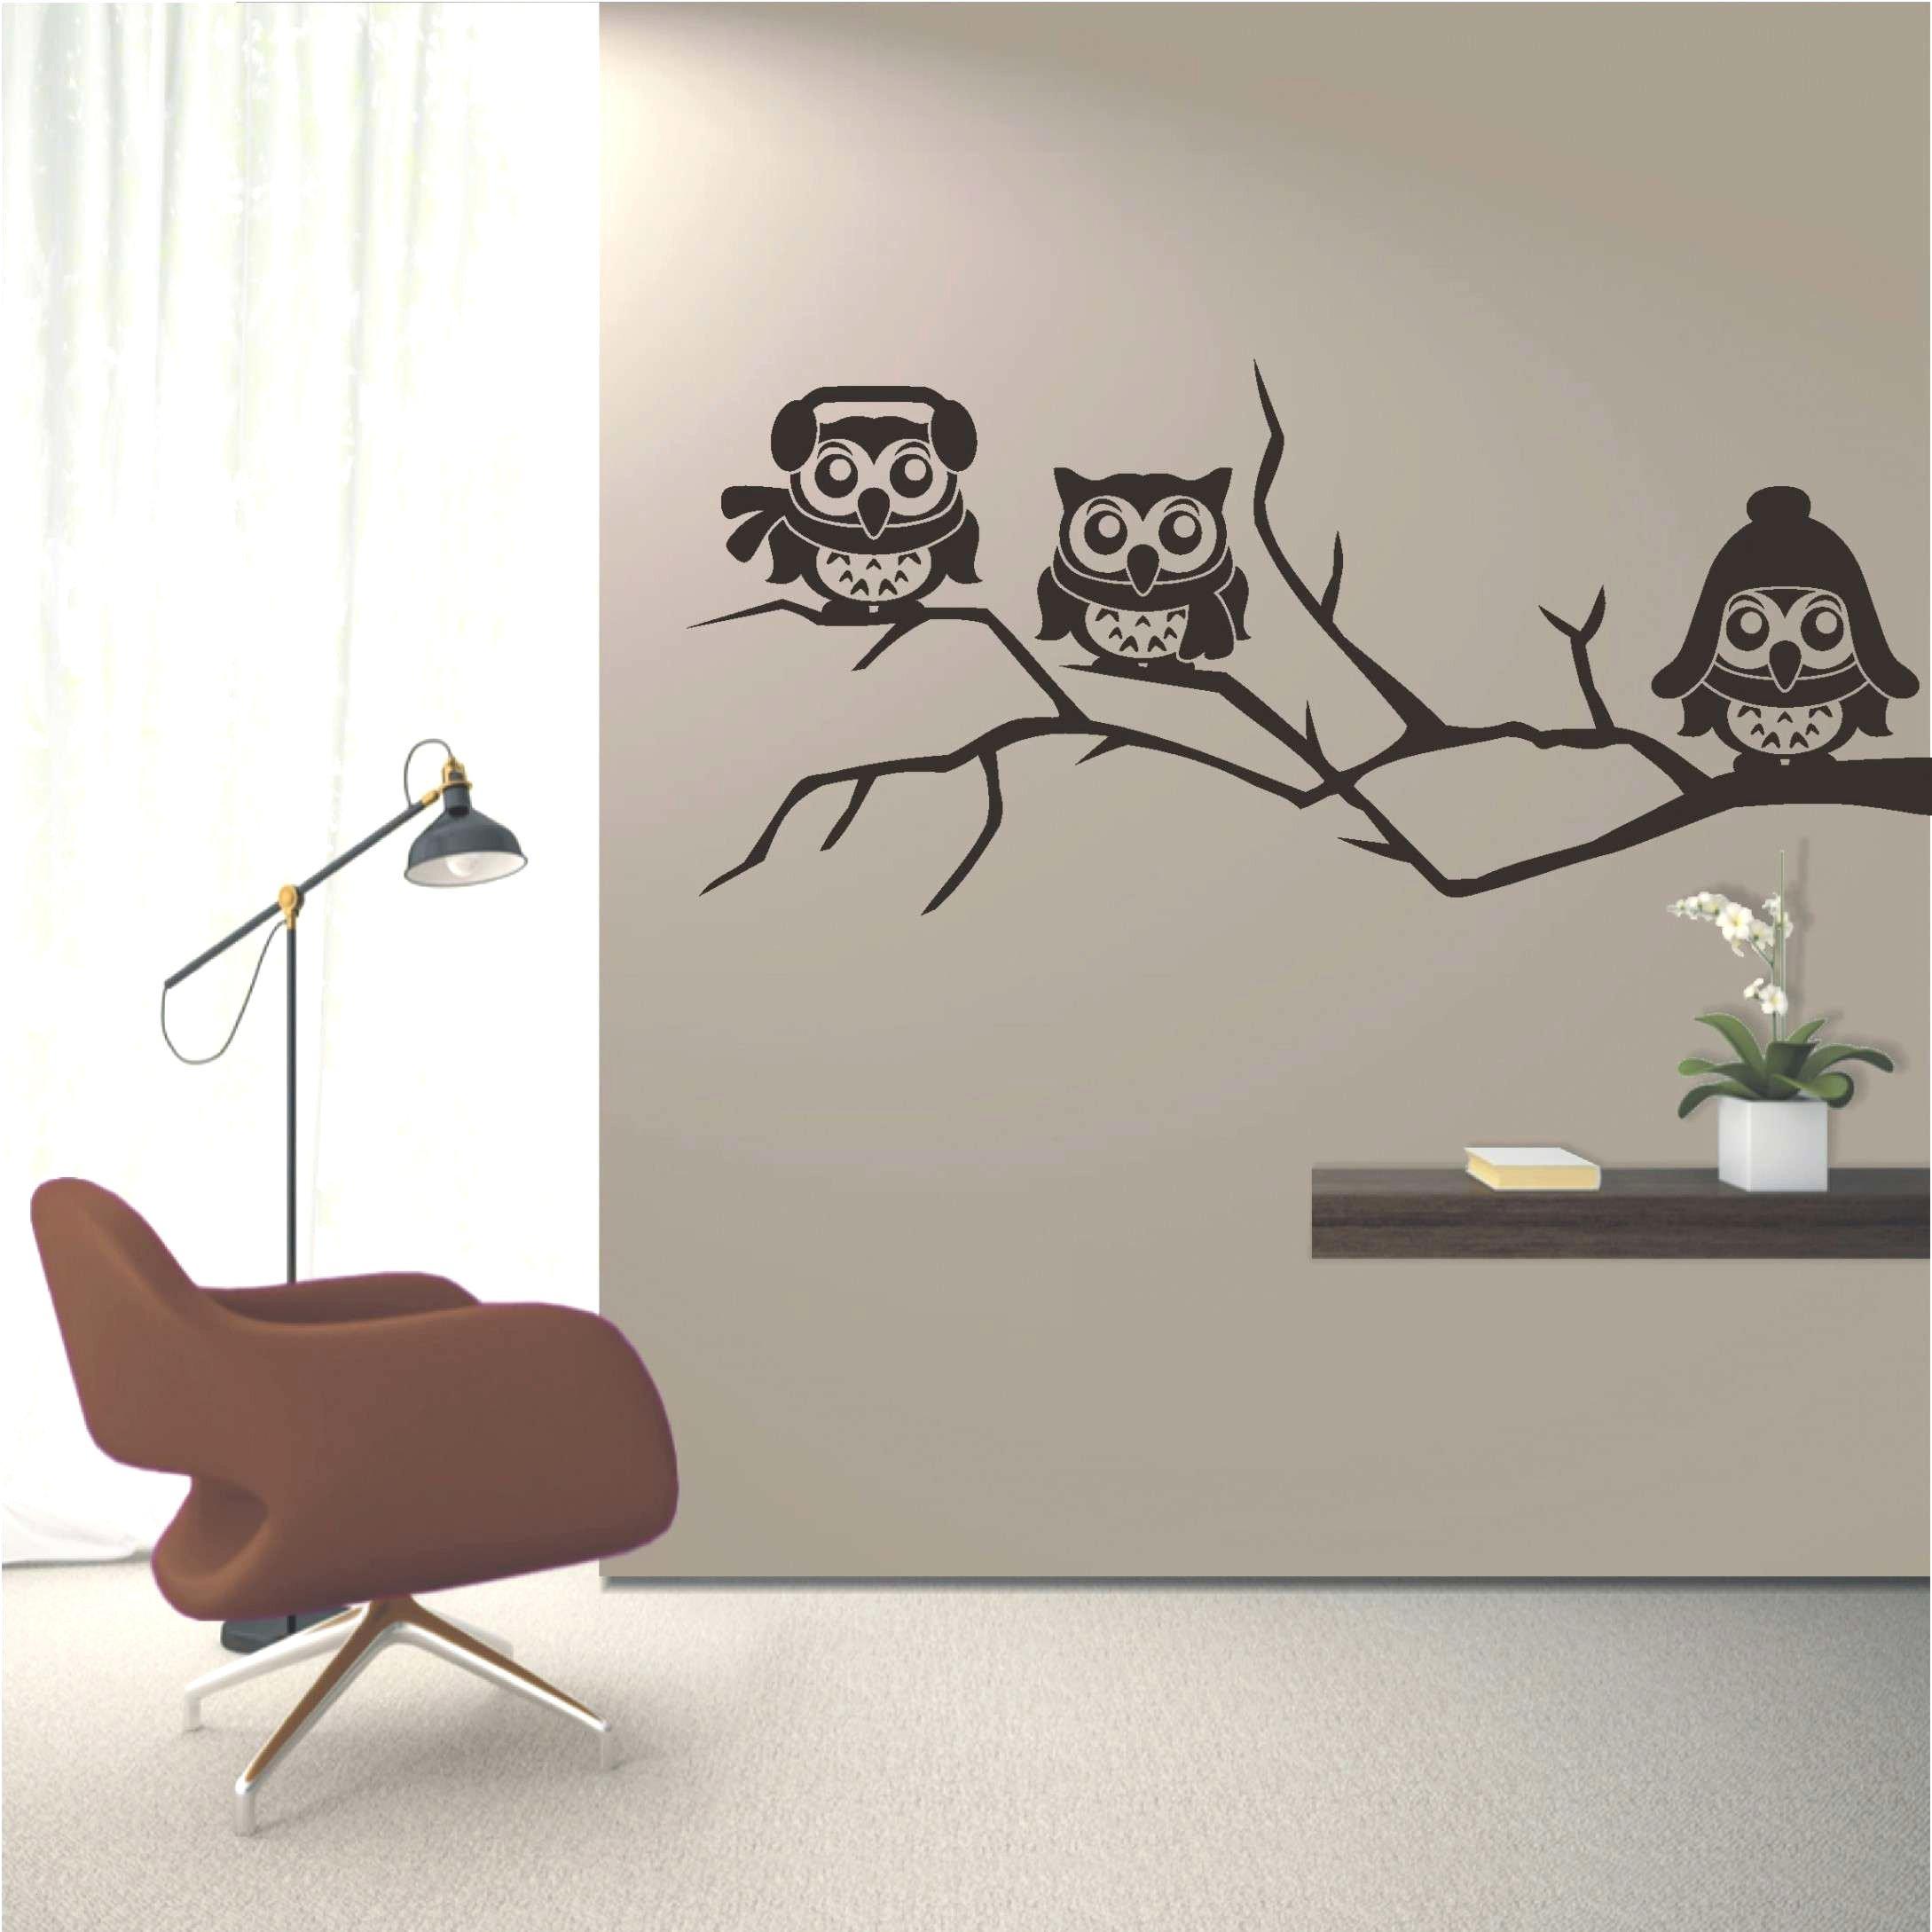 Gruselige Monster Ausmalbilder Genial Eulen Ausmalbilder Zum Ausdrucken Schön Wohnzimmer Deko Schweiz Neu Galerie